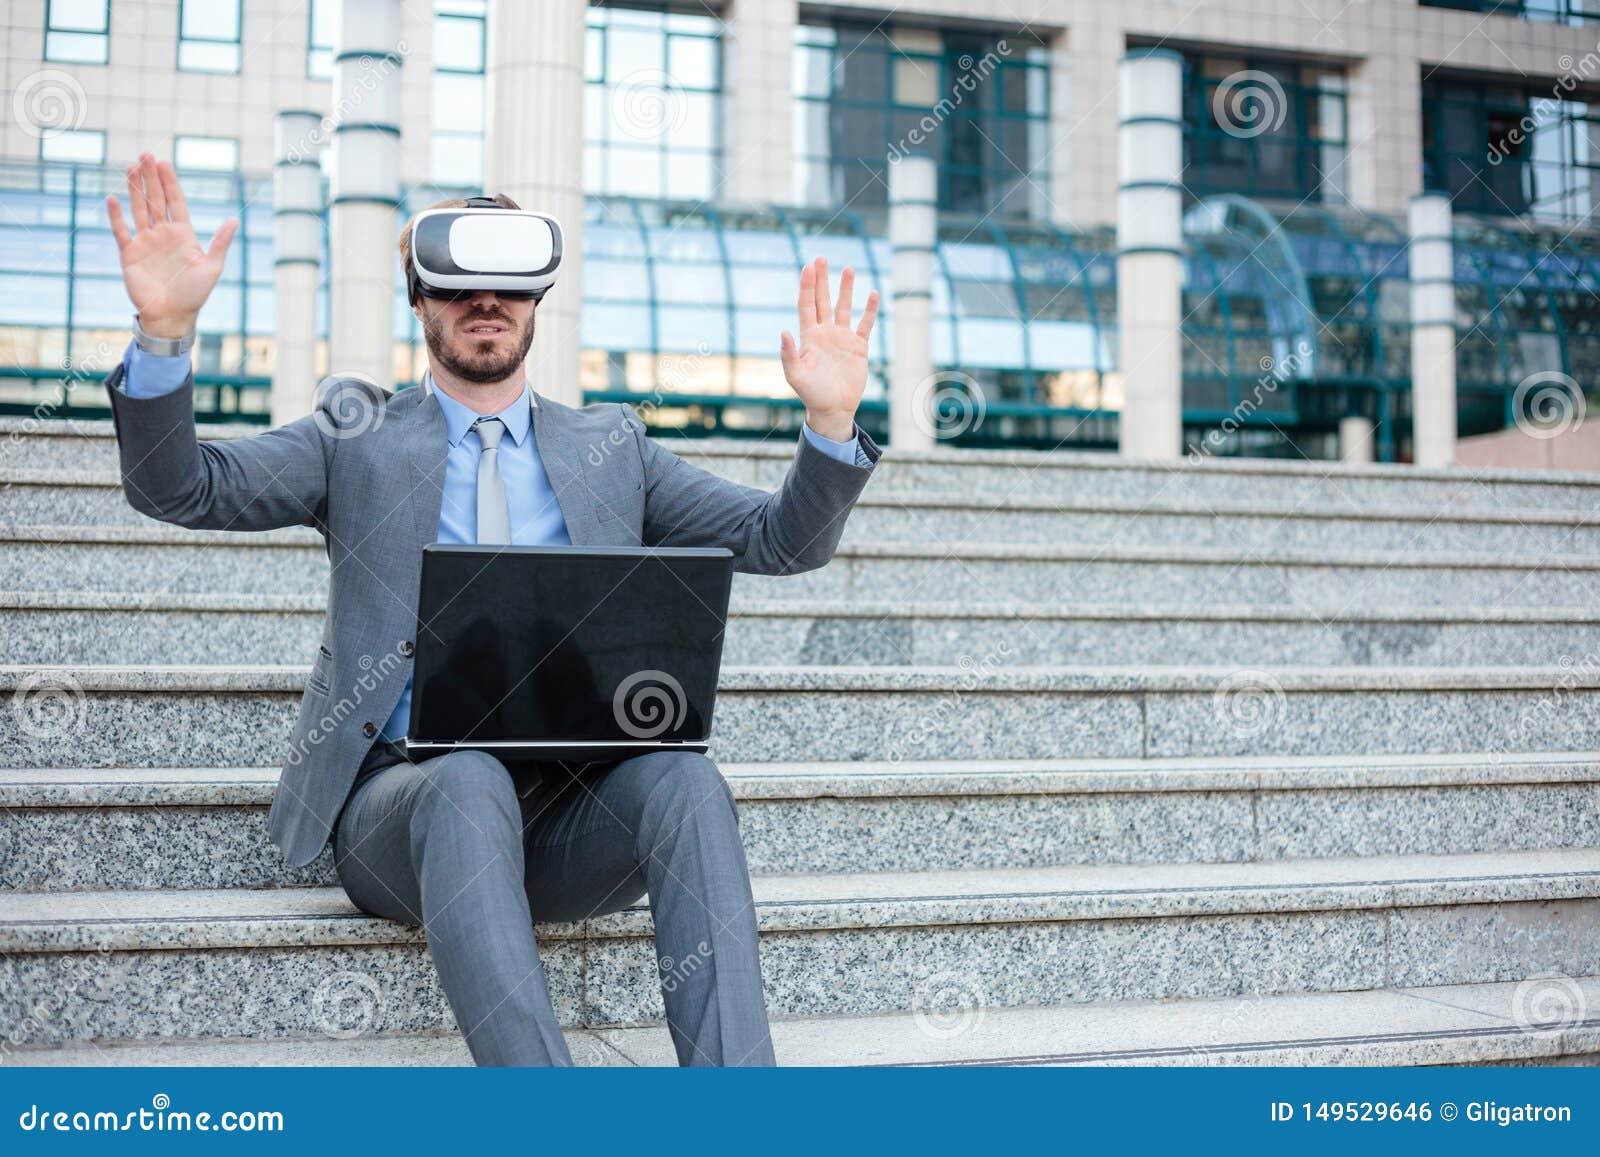 使用虚拟现实模拟器的英俊的年轻商人和做手势,运作在办公楼前面